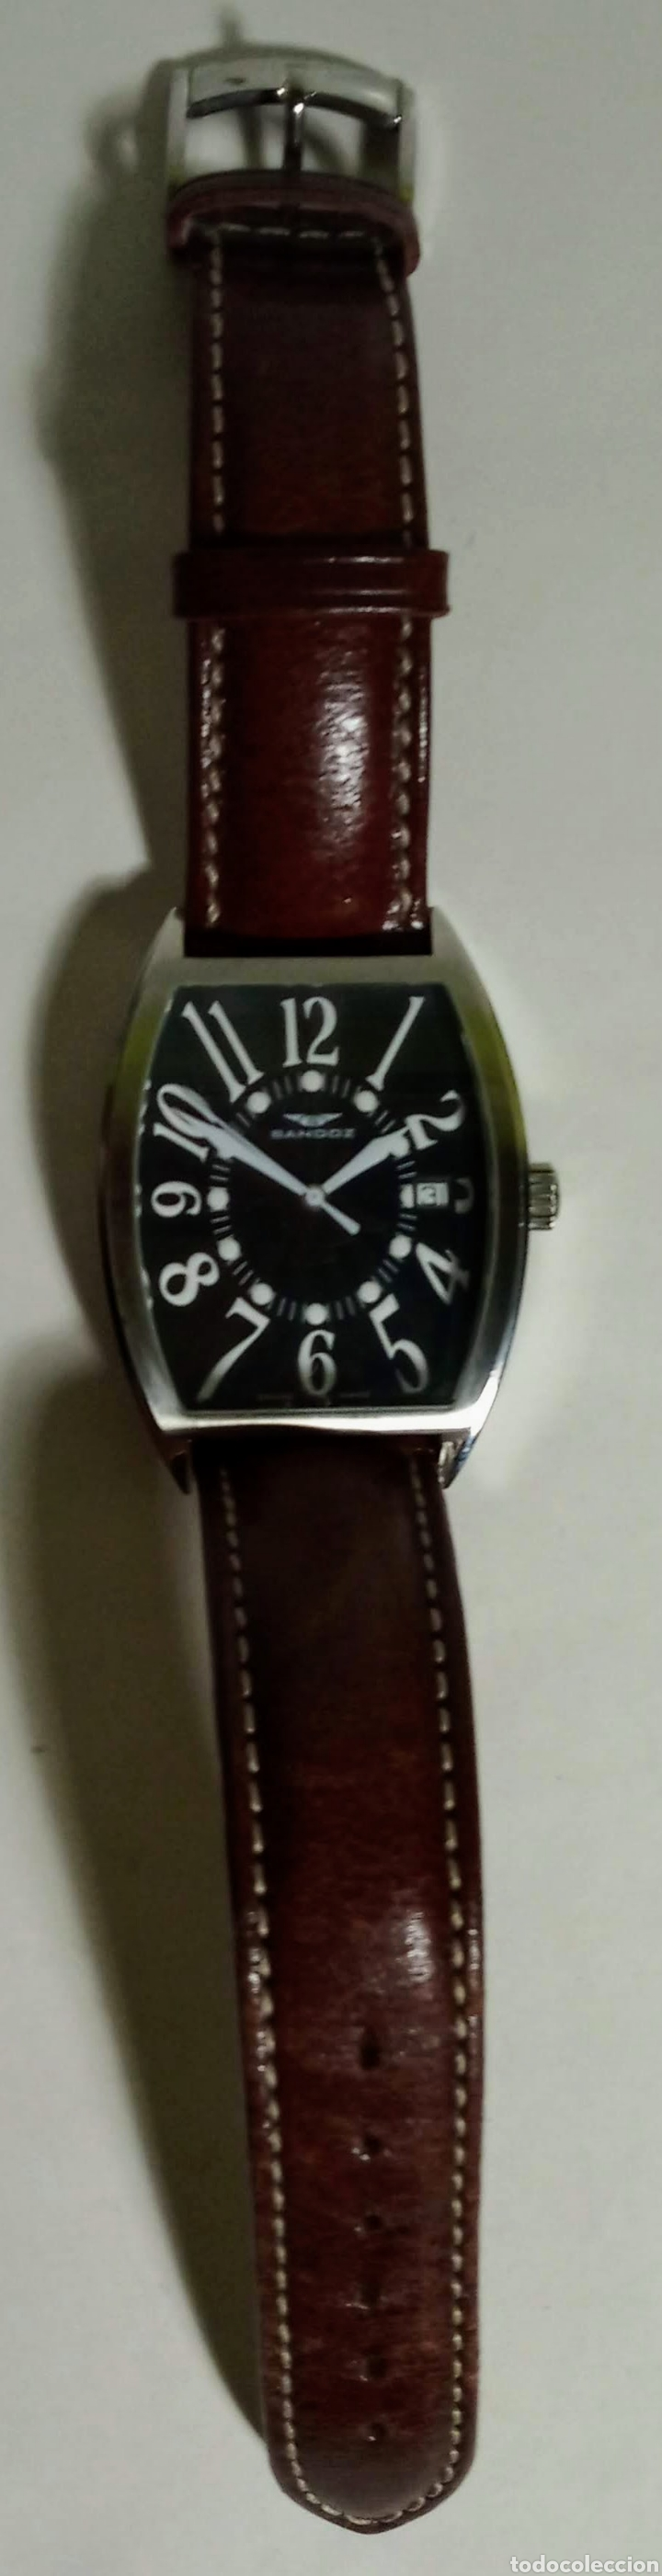 Relojes - Sandox: RELOJ SANDOZ PARA CABALLERO 72521-0293 NUEVO DE STOCK - Foto 3 - 256164695